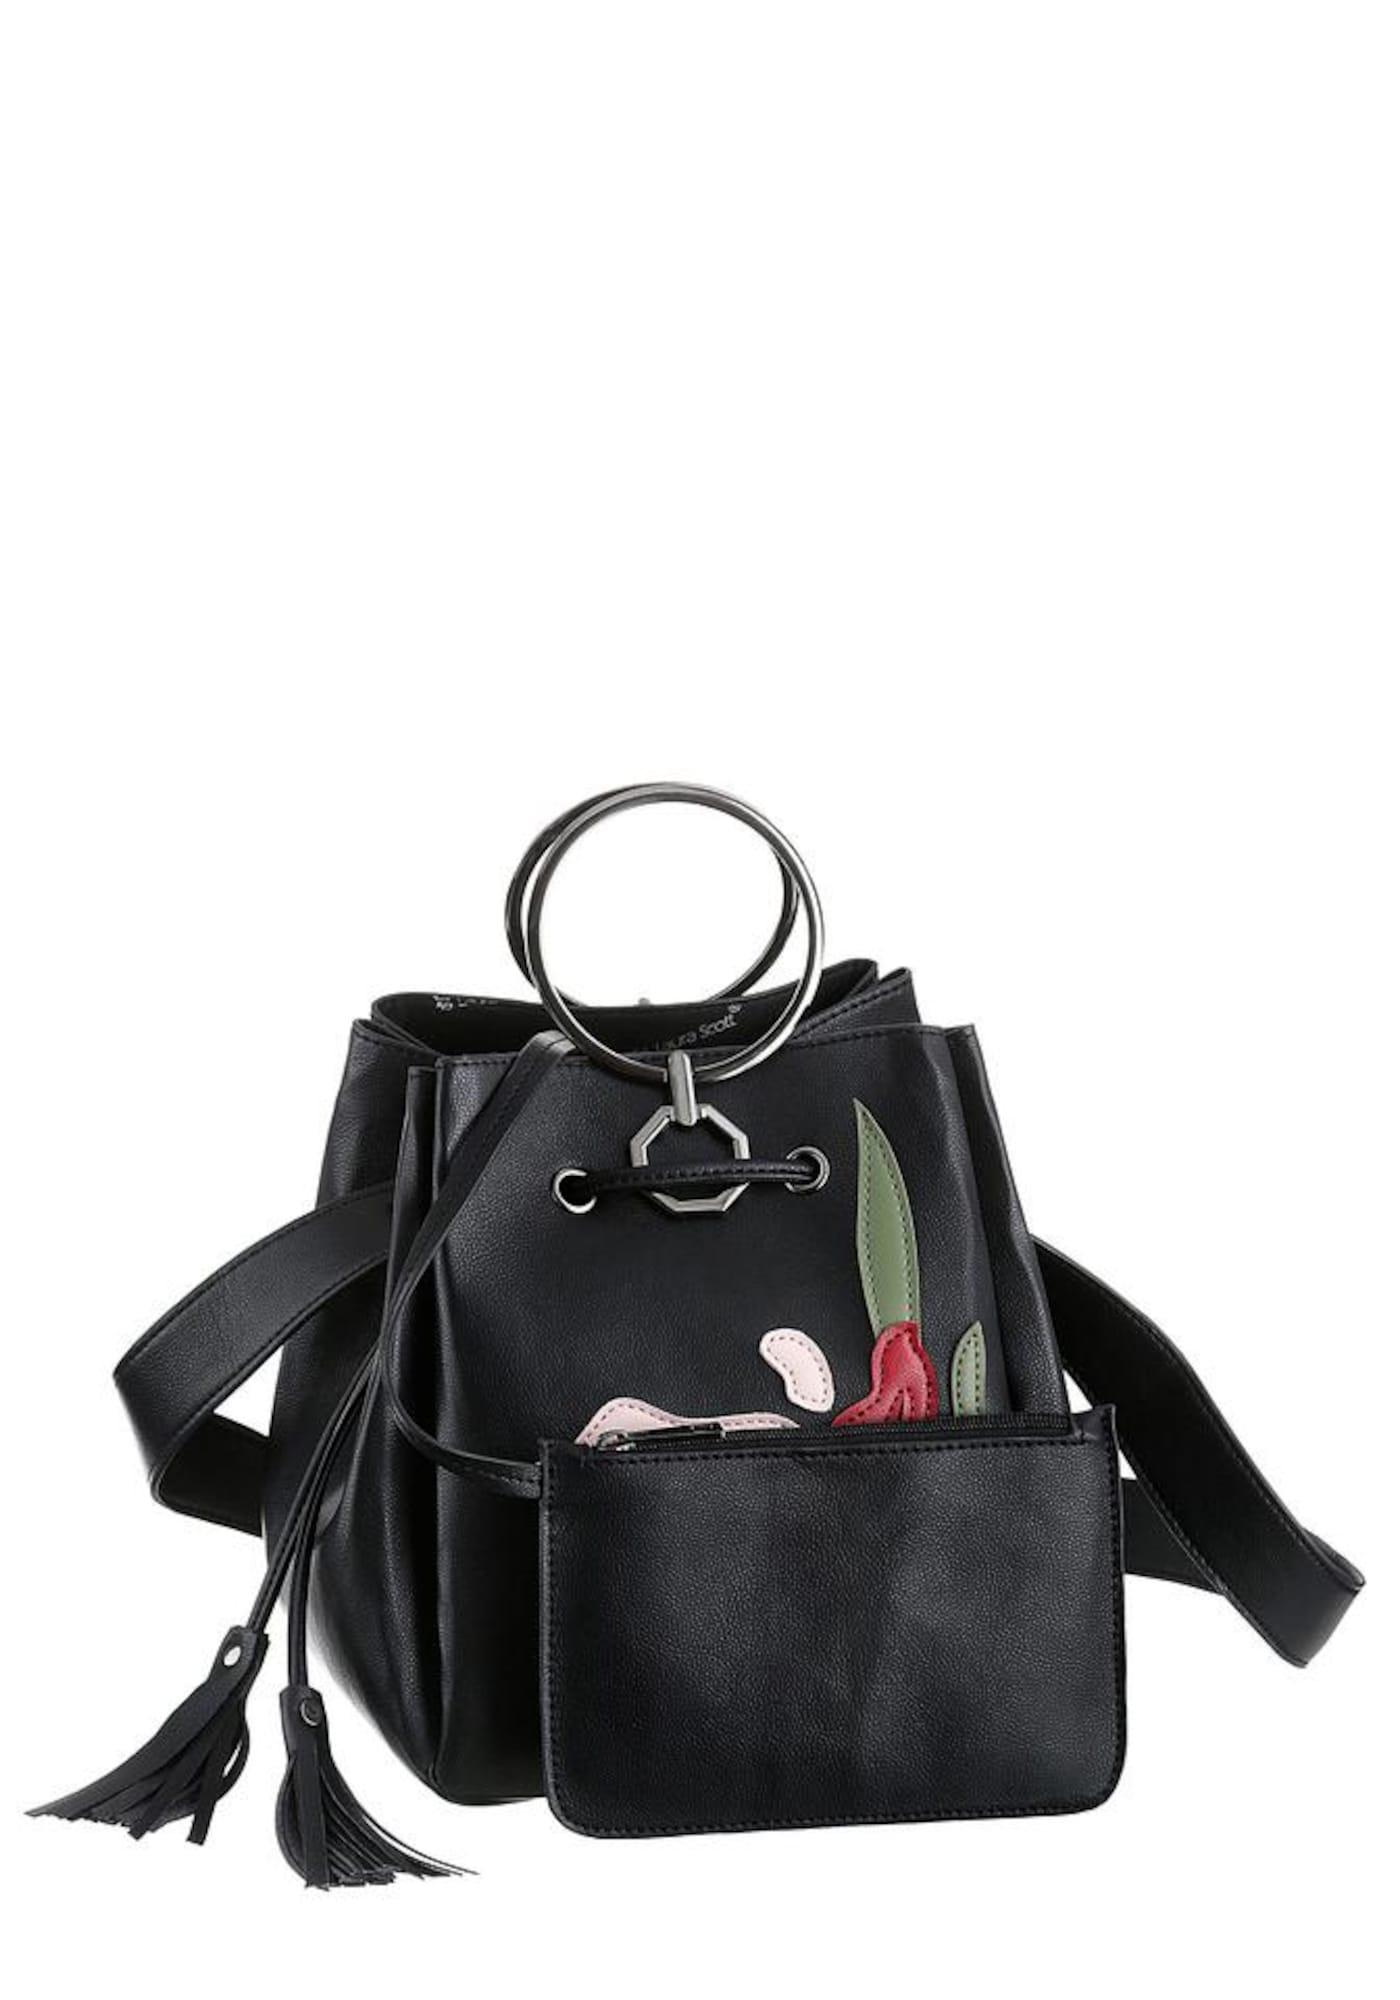 Beuteltasche | Taschen > Handtaschen > Beuteltaschen | Schwarz | laura scott